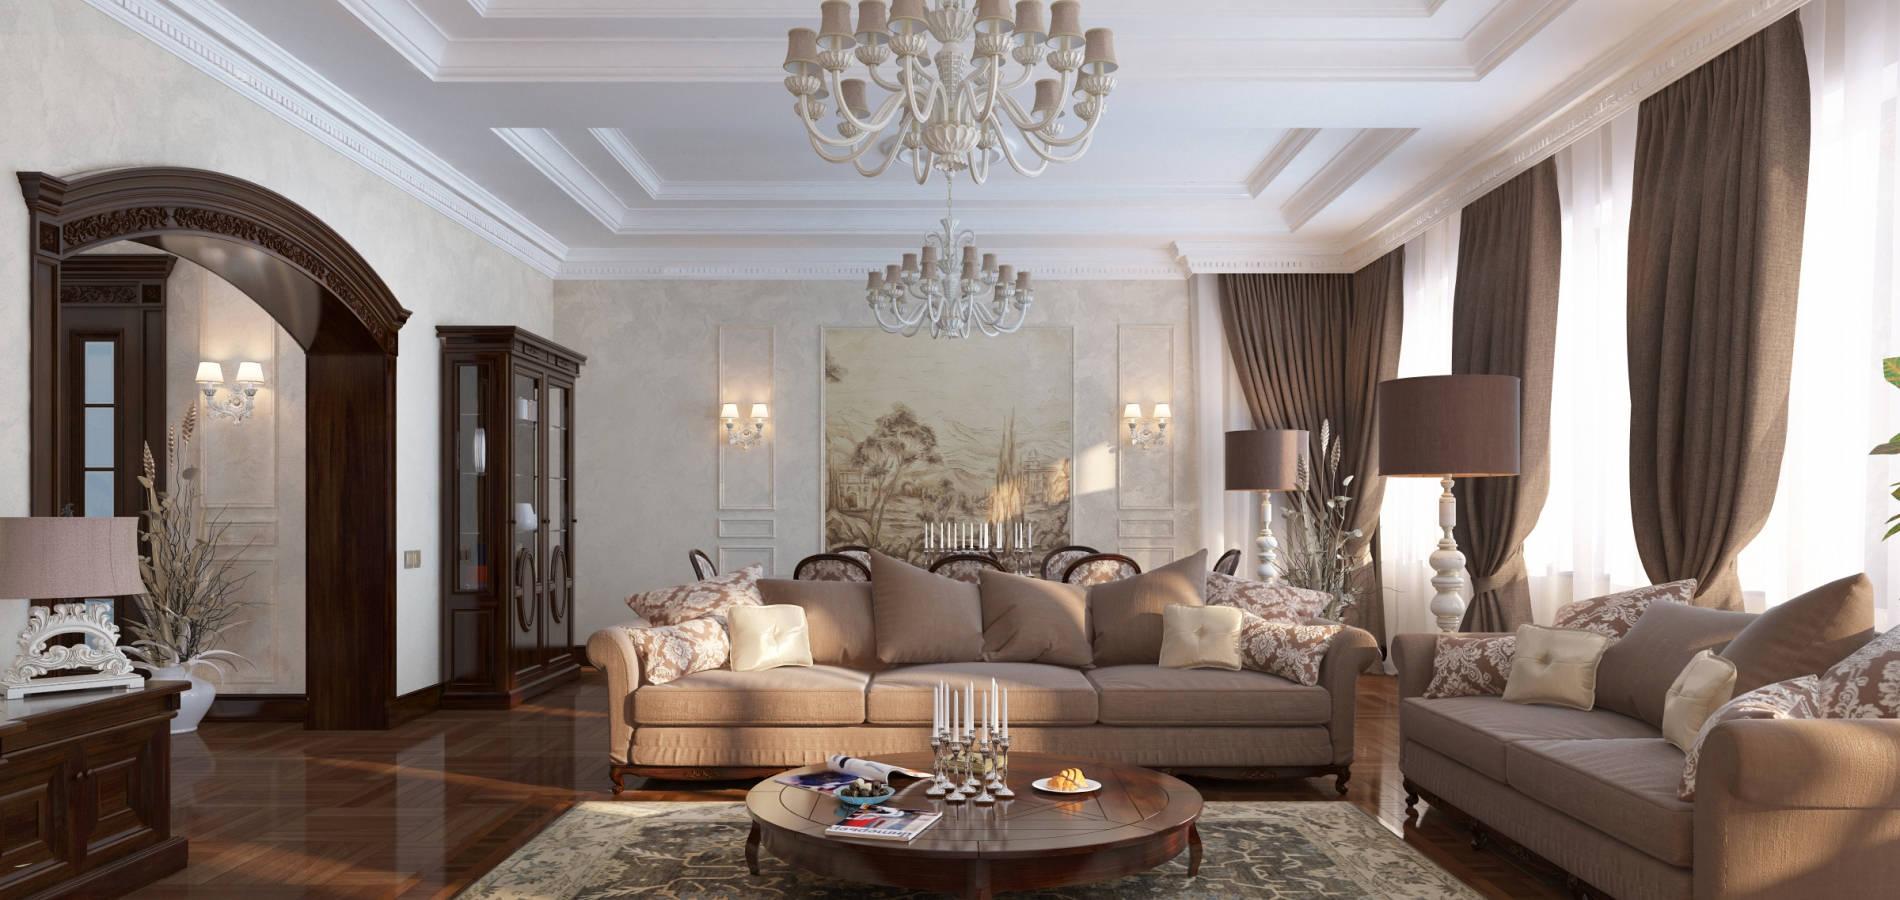 Вітальня в будинку класика з різбленням GK_103